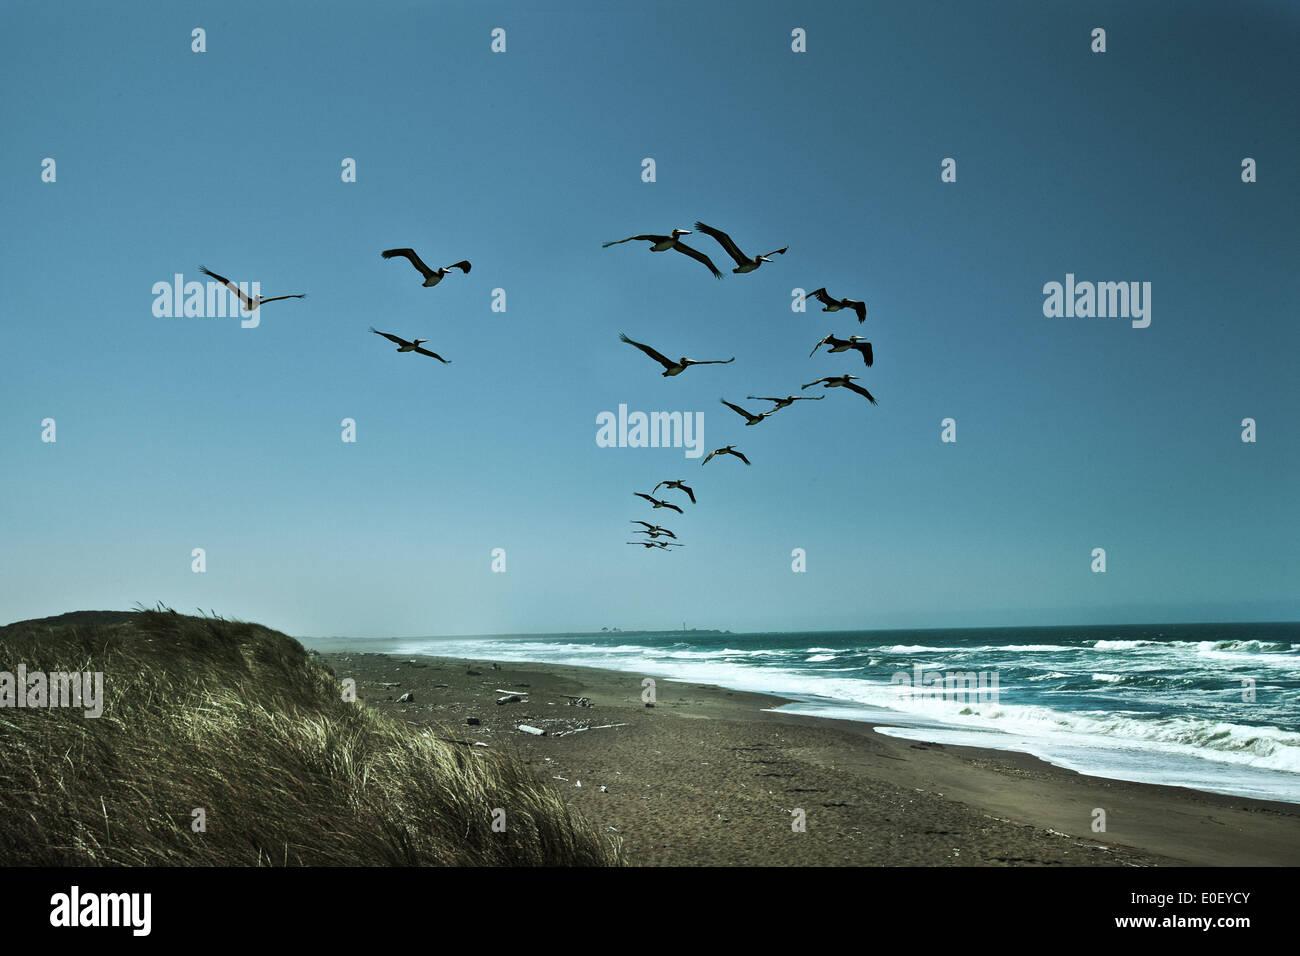 Escadron de pélicans en vol au dessus de beach Photo Stock